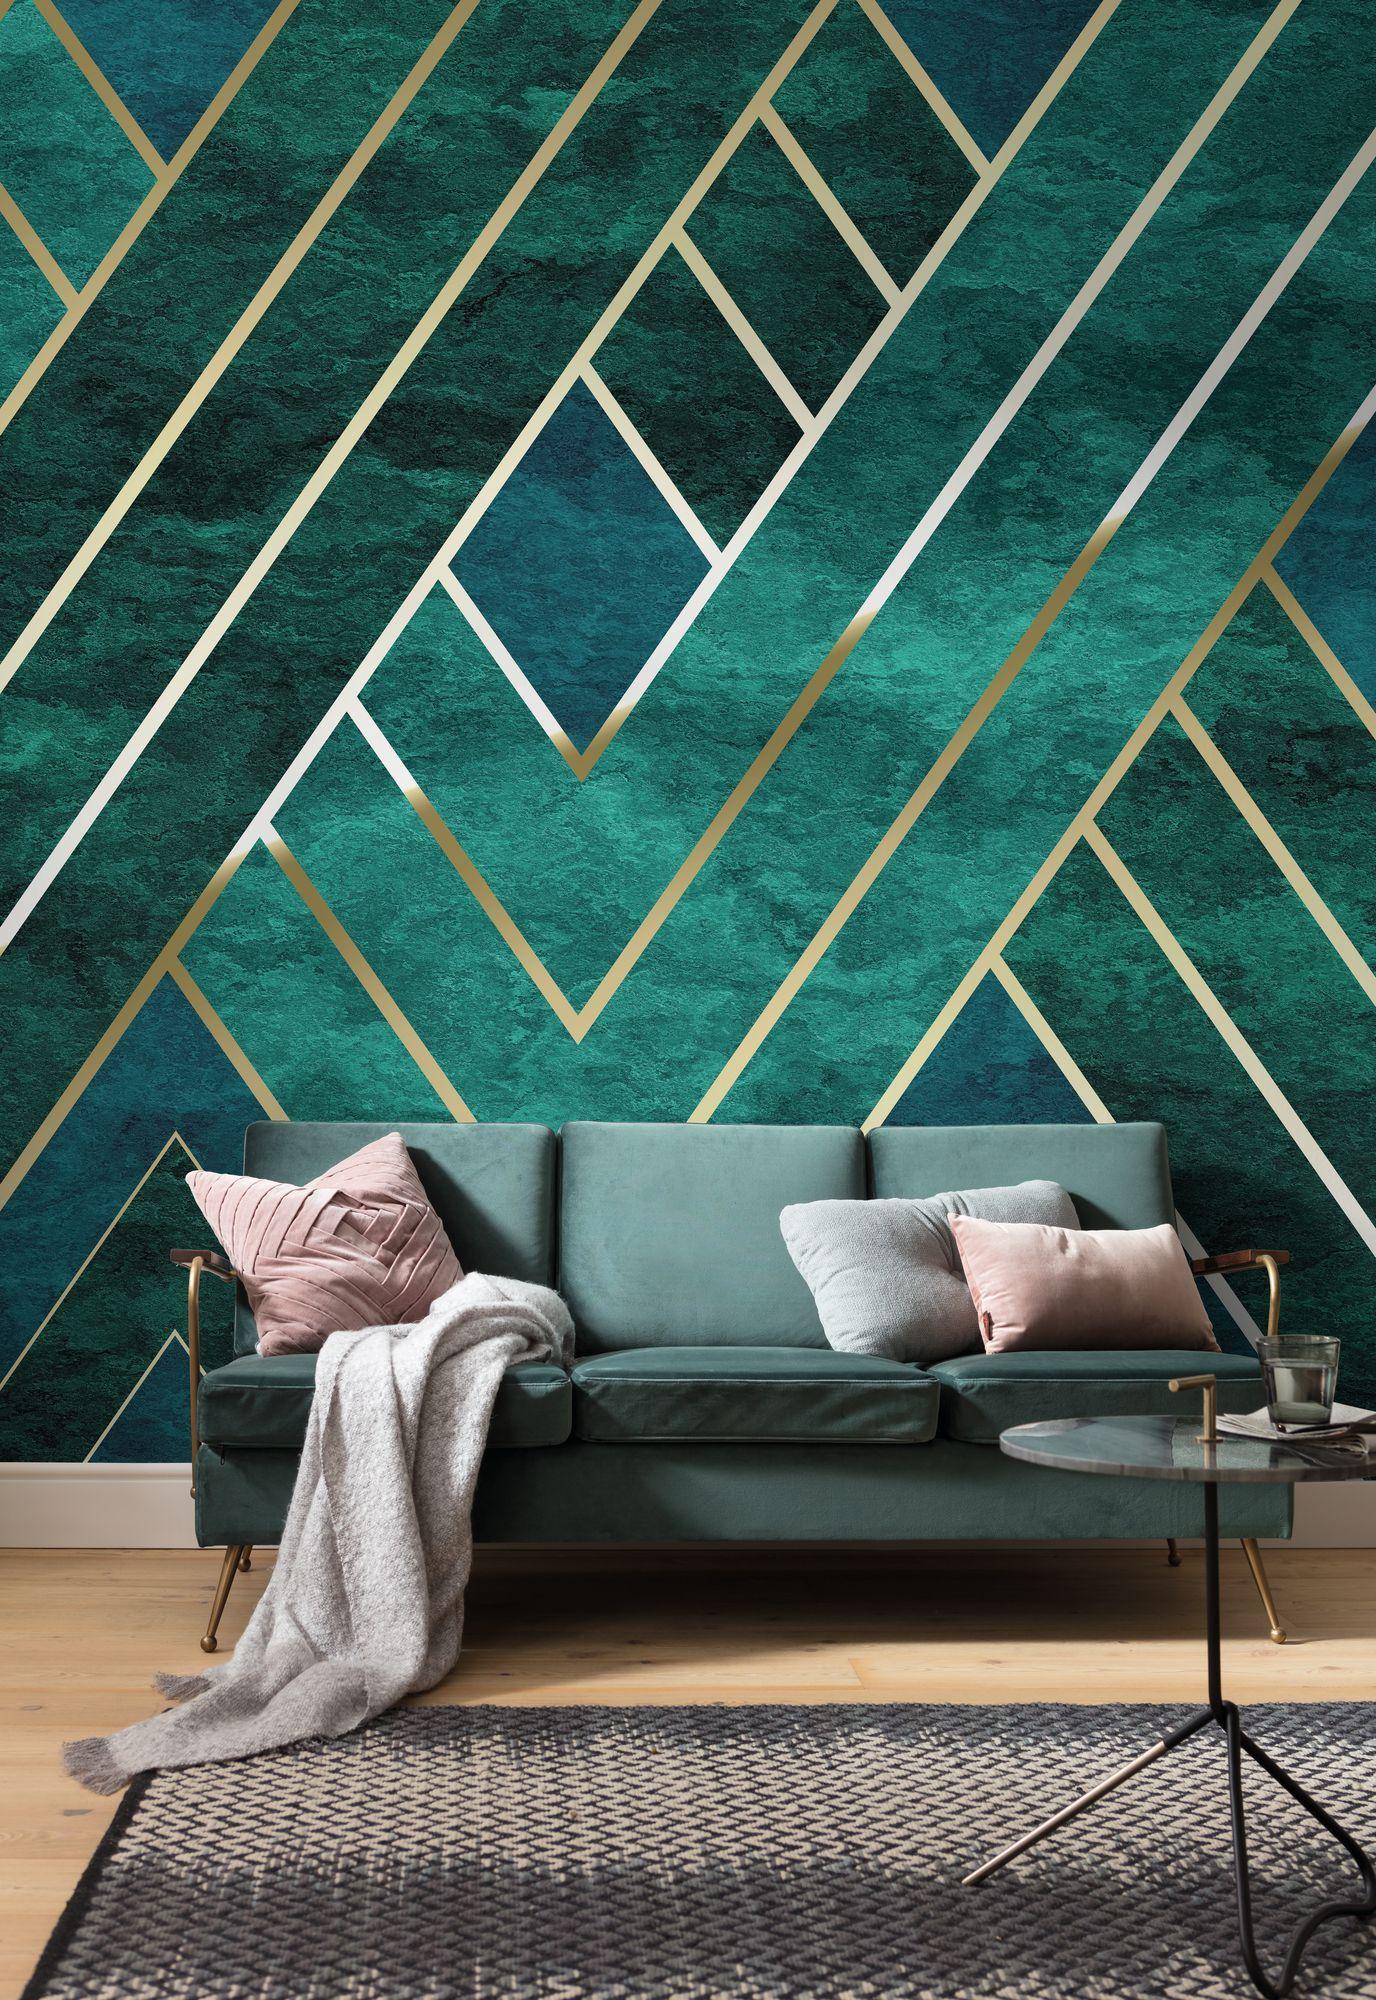 Artdeco Interior Deco Art Deco Wallpaper Art Deco Living Room Best of wallpaper art deco wall pictures